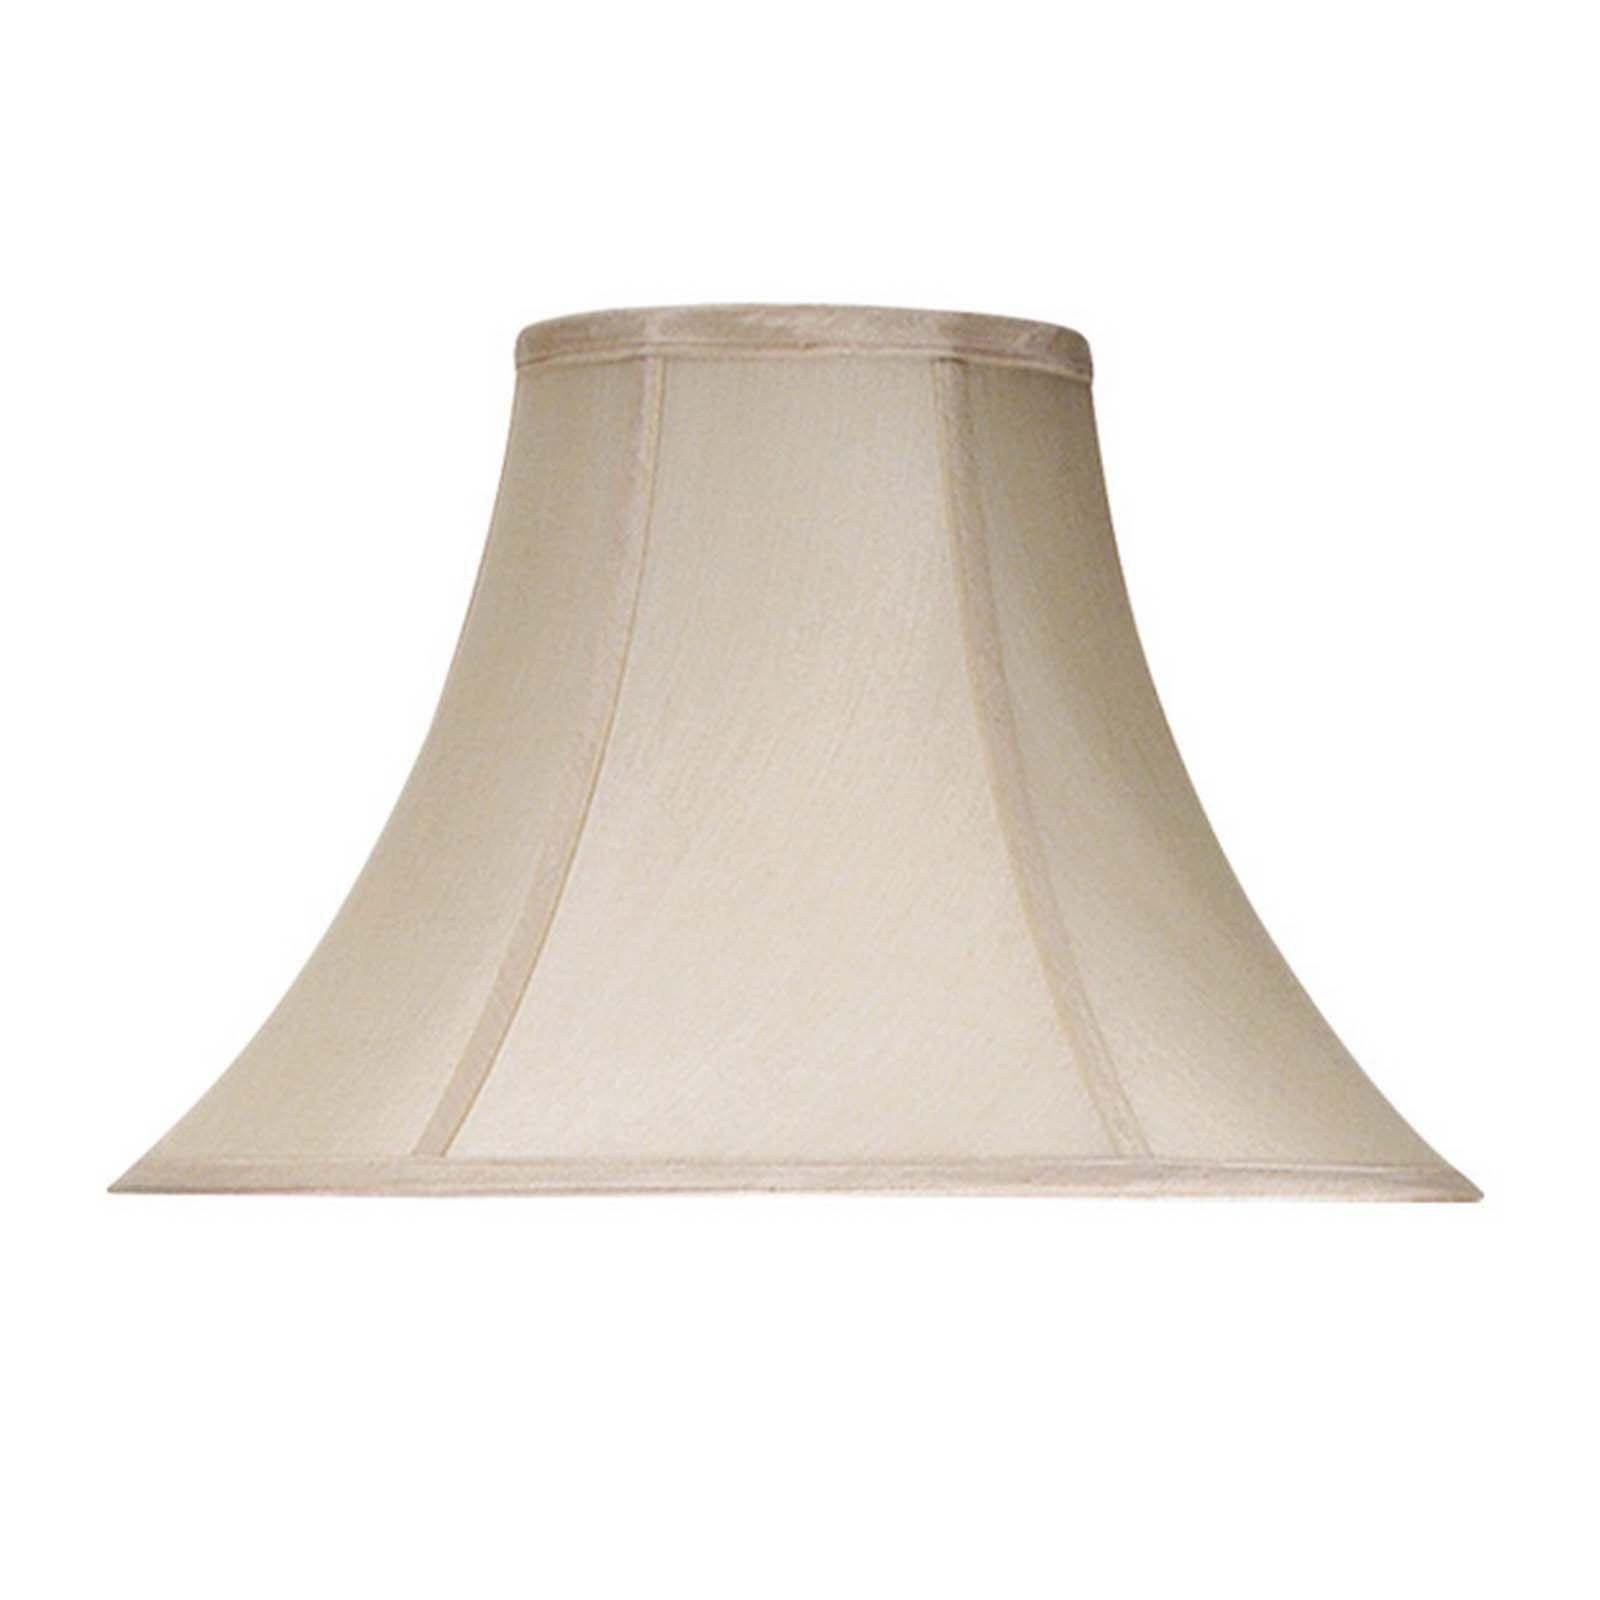 Cal Lighting Bell Silk Lamp Shade Small Lamp Shades Painting Lamp Shades Colorful Lamp Shades